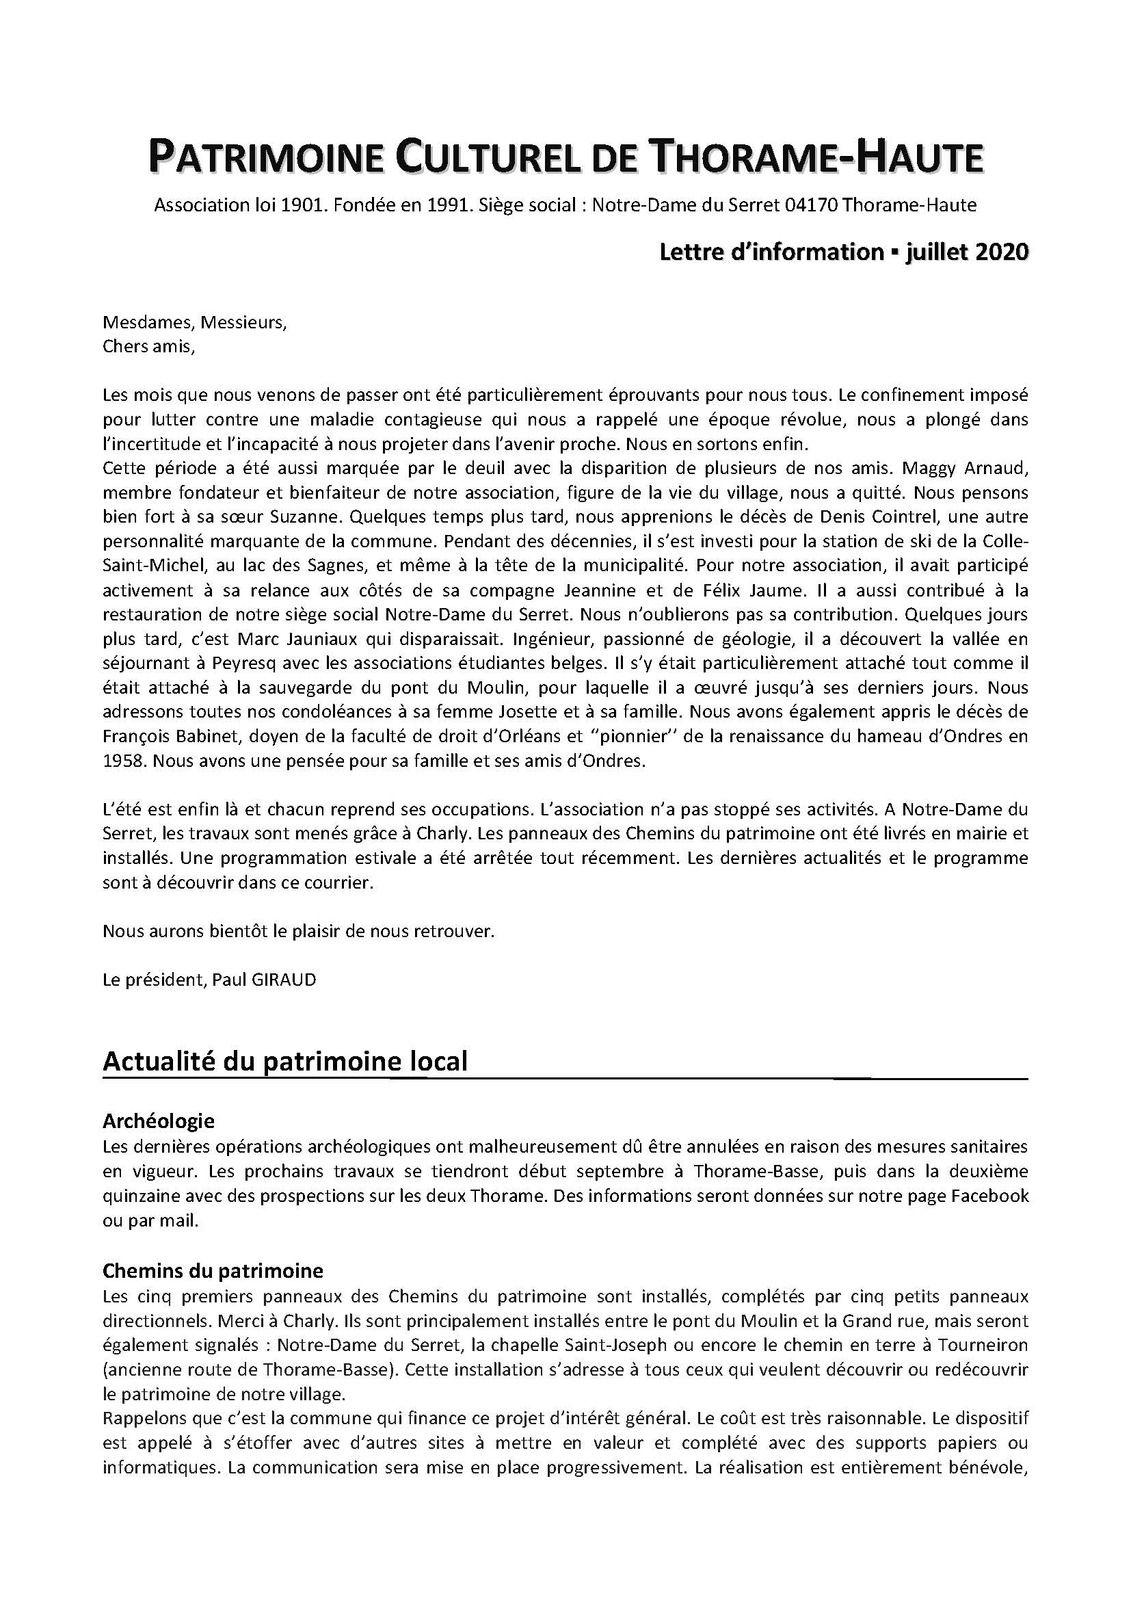 Lettre d'information de l'association Patrimoine Culturel de Thorame Haute